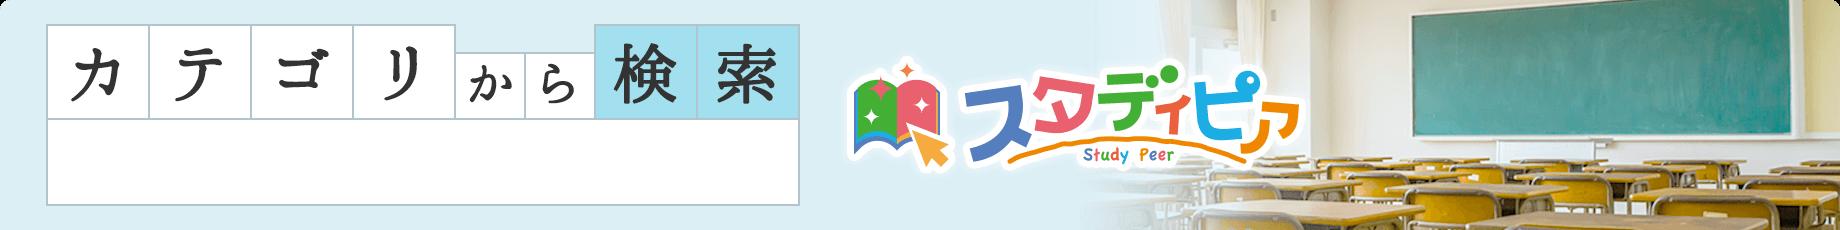 カテゴリから探す 学校・塾